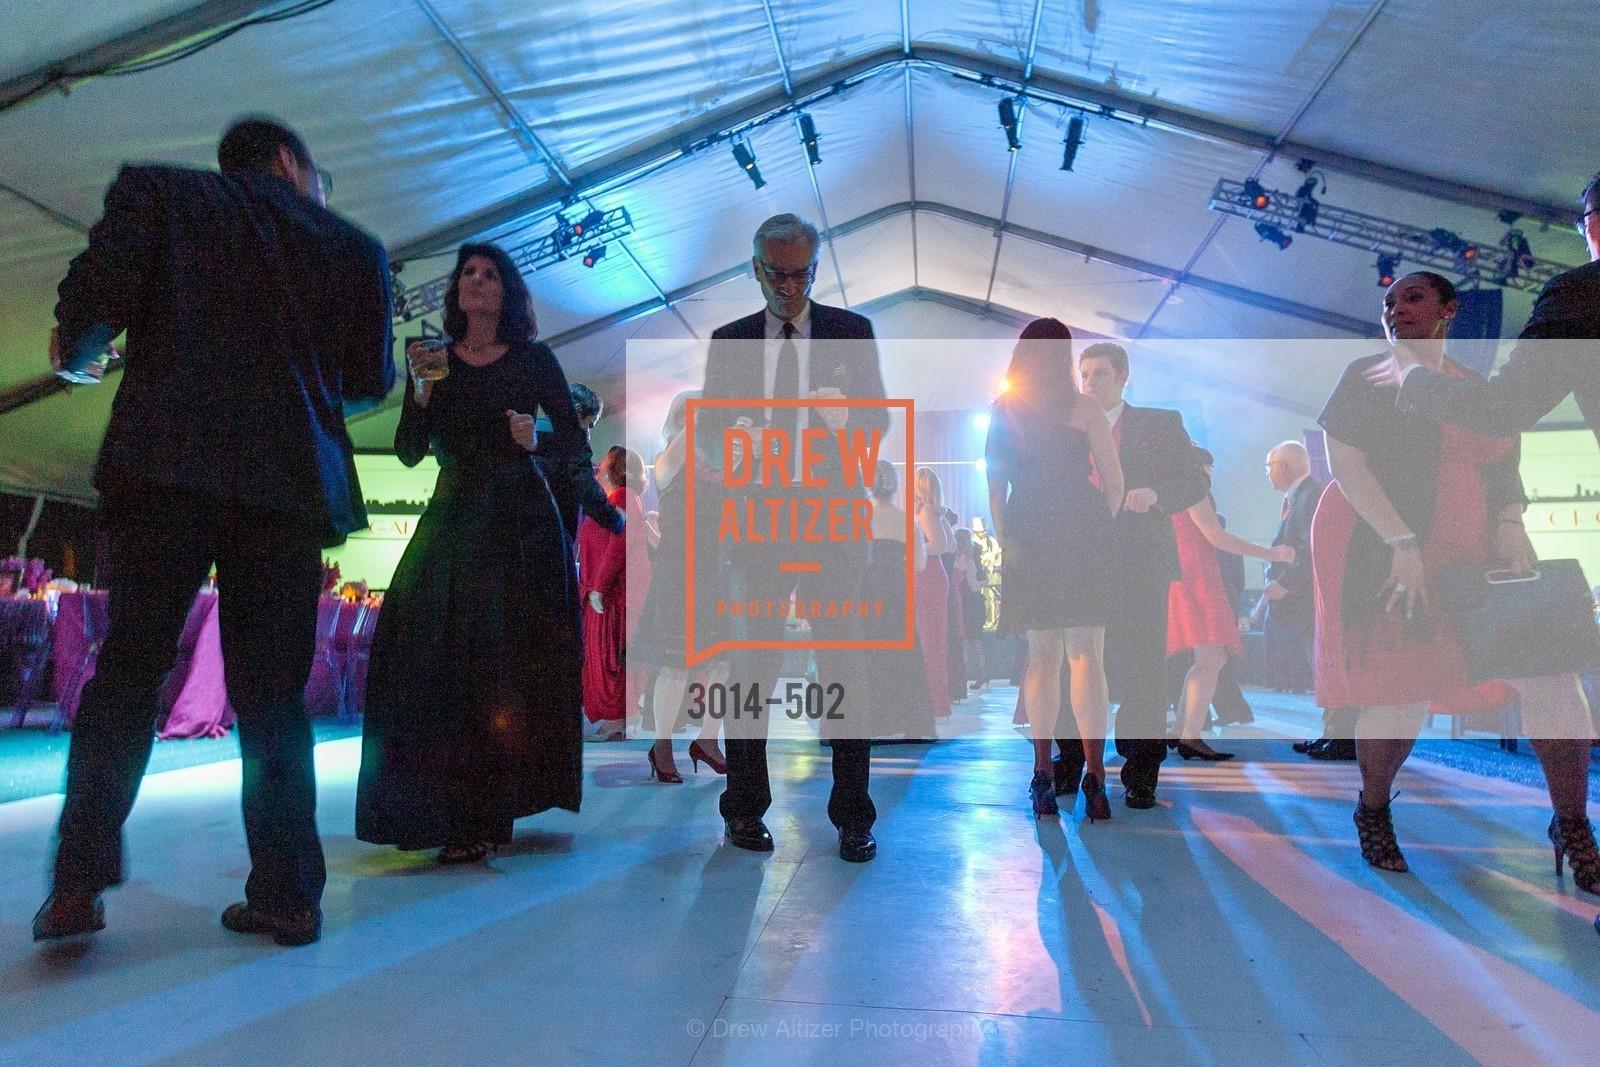 Dance Floor, Photo #3014-502